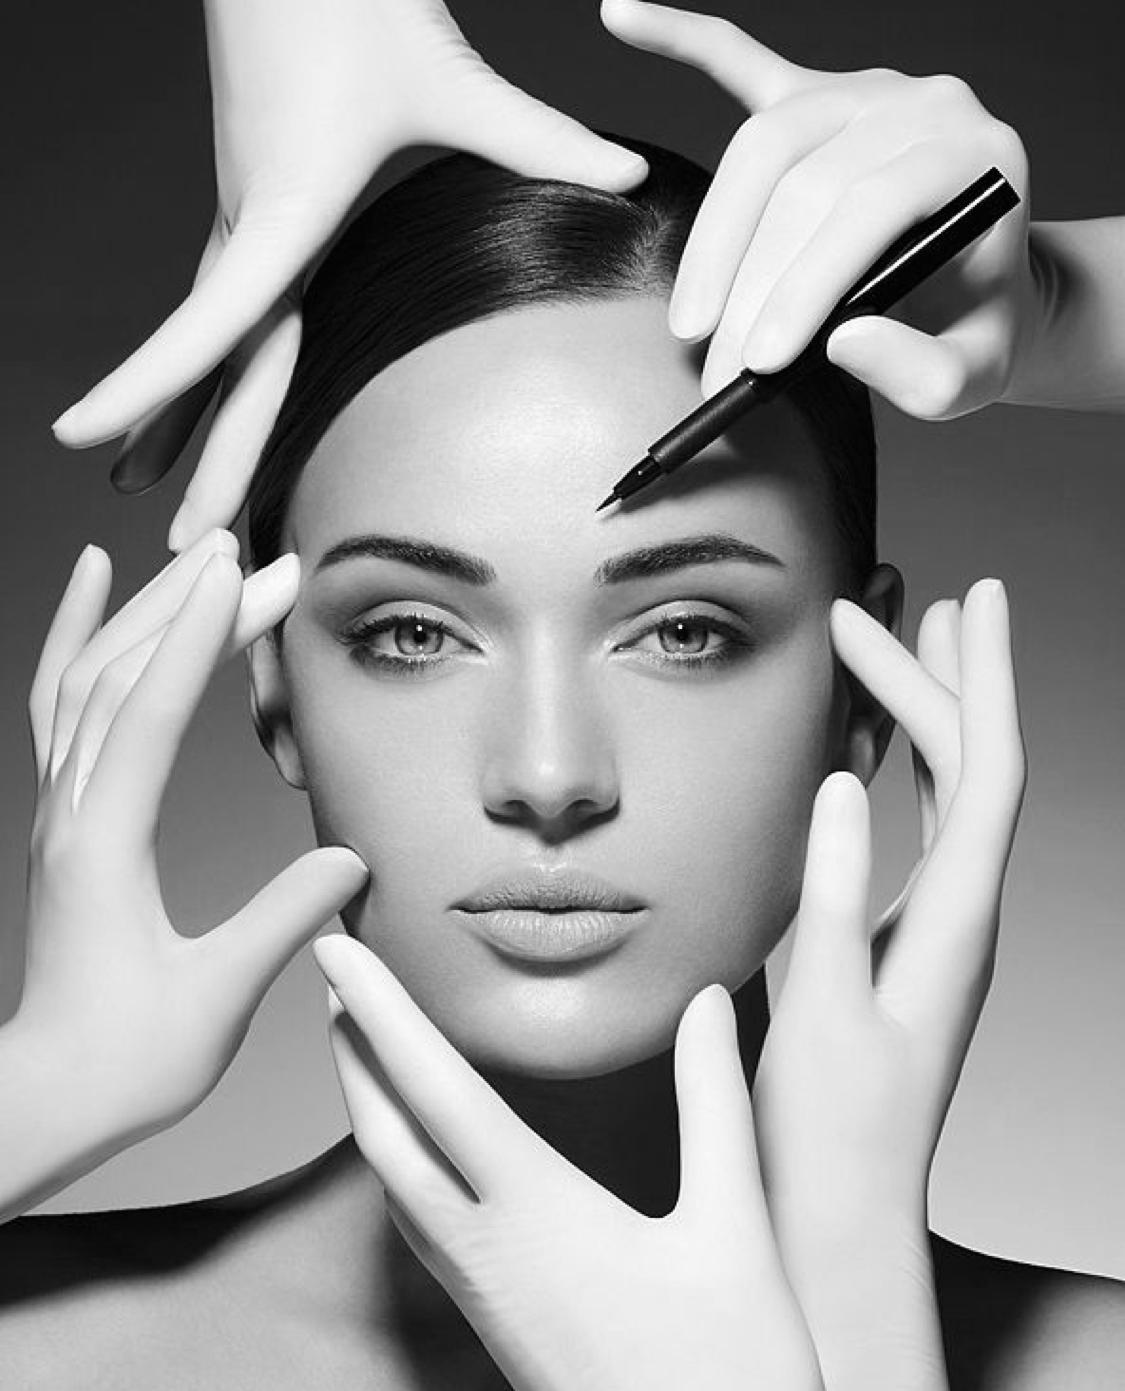 картинка для рекламы косметолога